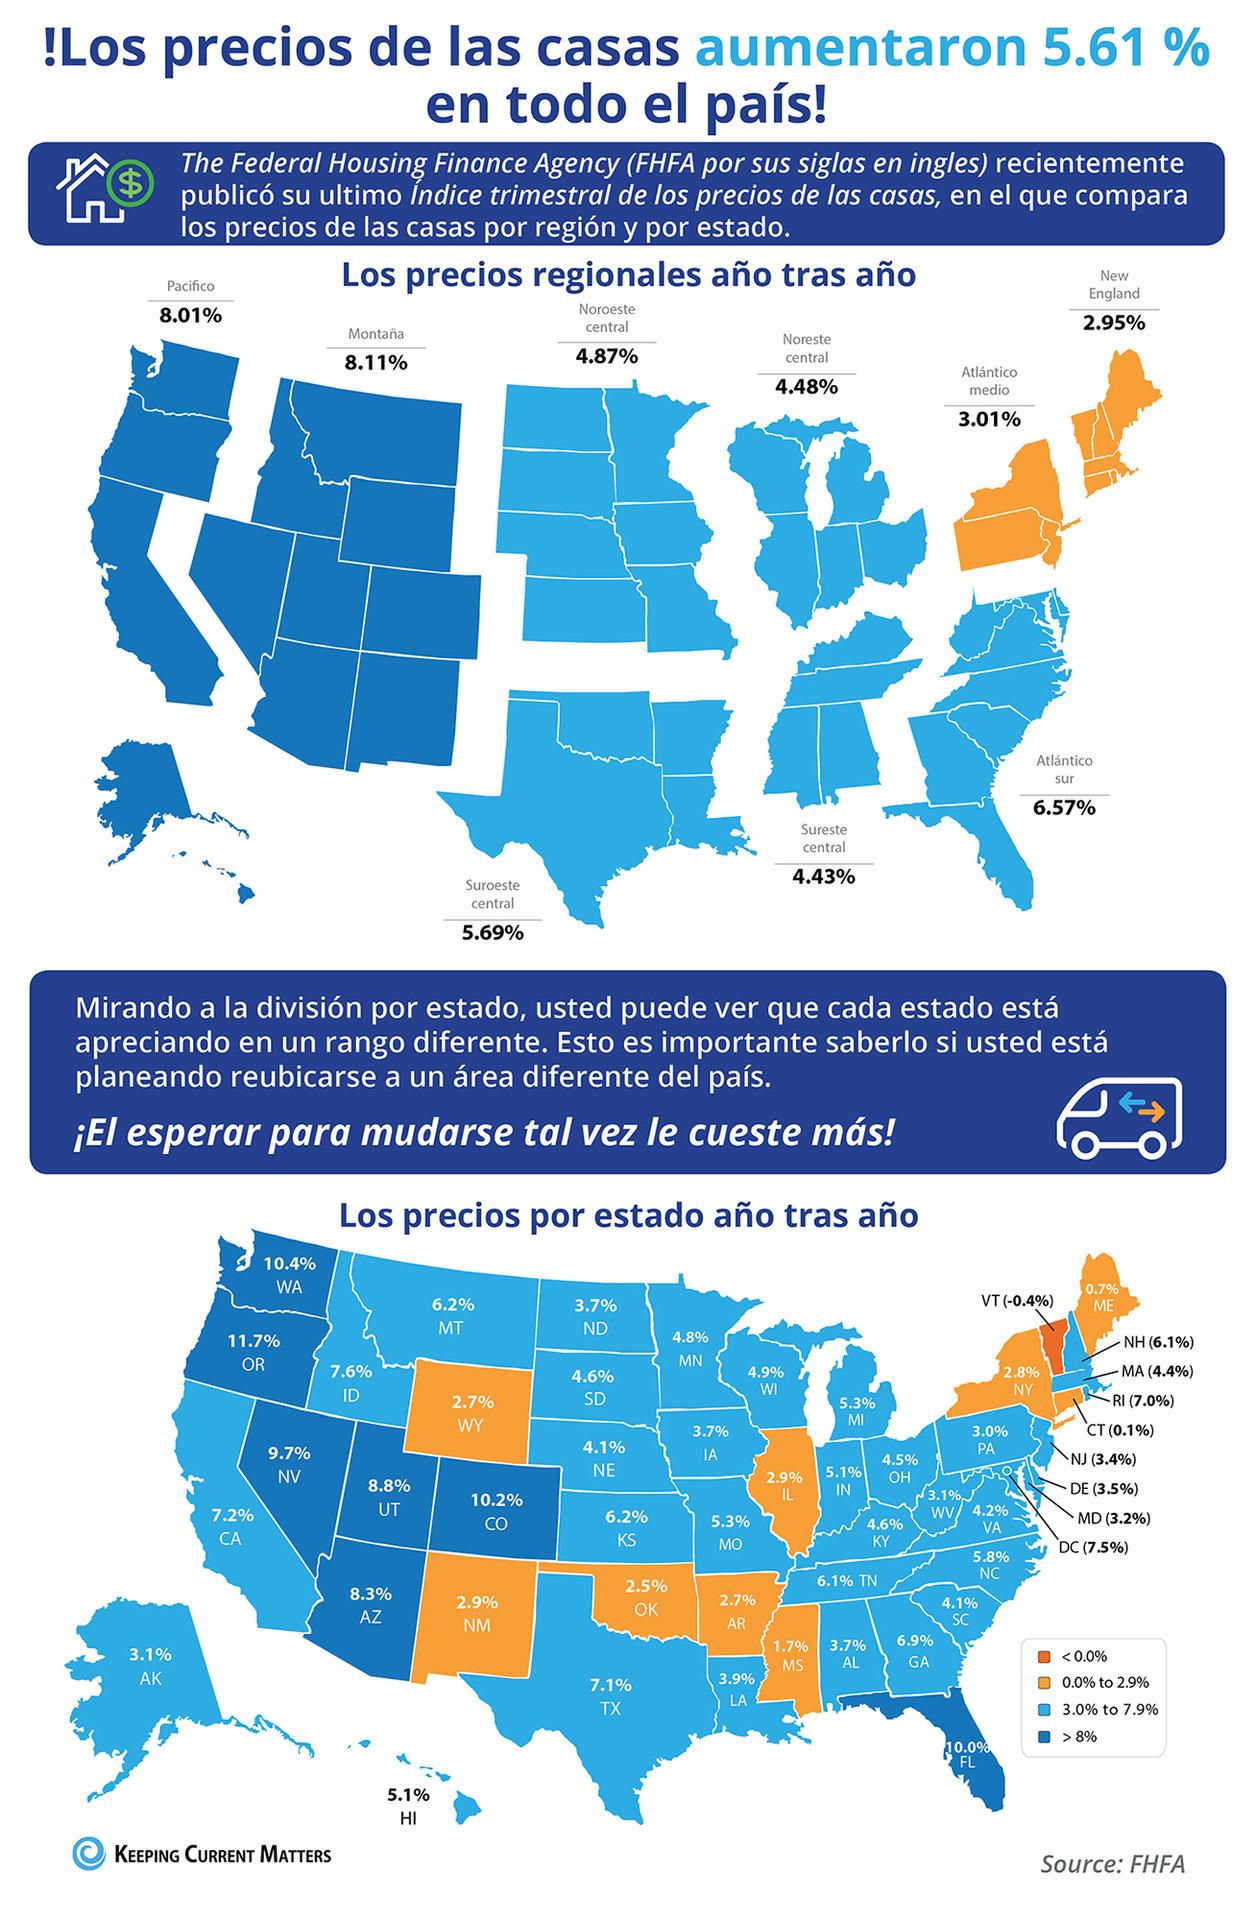 Los precios de las viviendas aumentaron 5.61 % en todo el país [infografía]  | Keeping Current Matters